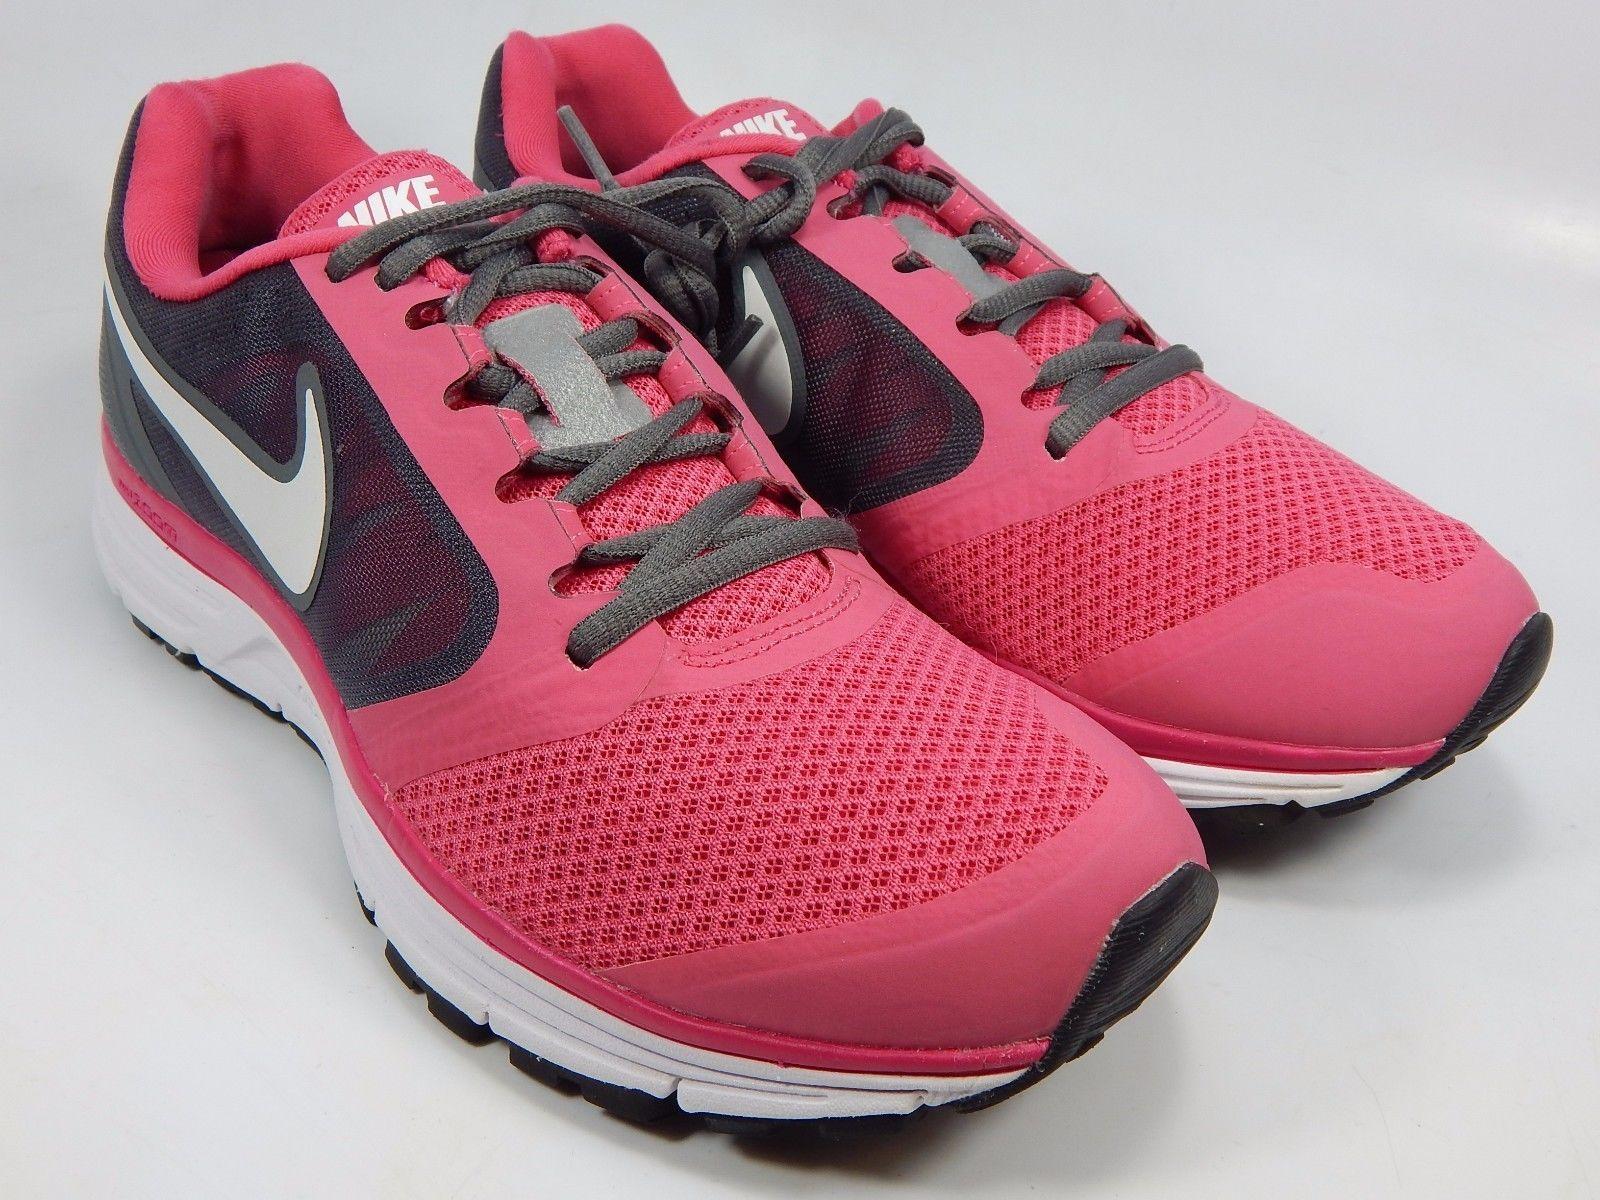 Nike Vomero+ 8 Women's Running Shoes Size US 8 M (B) EU 39 Gray Pink 580593-610